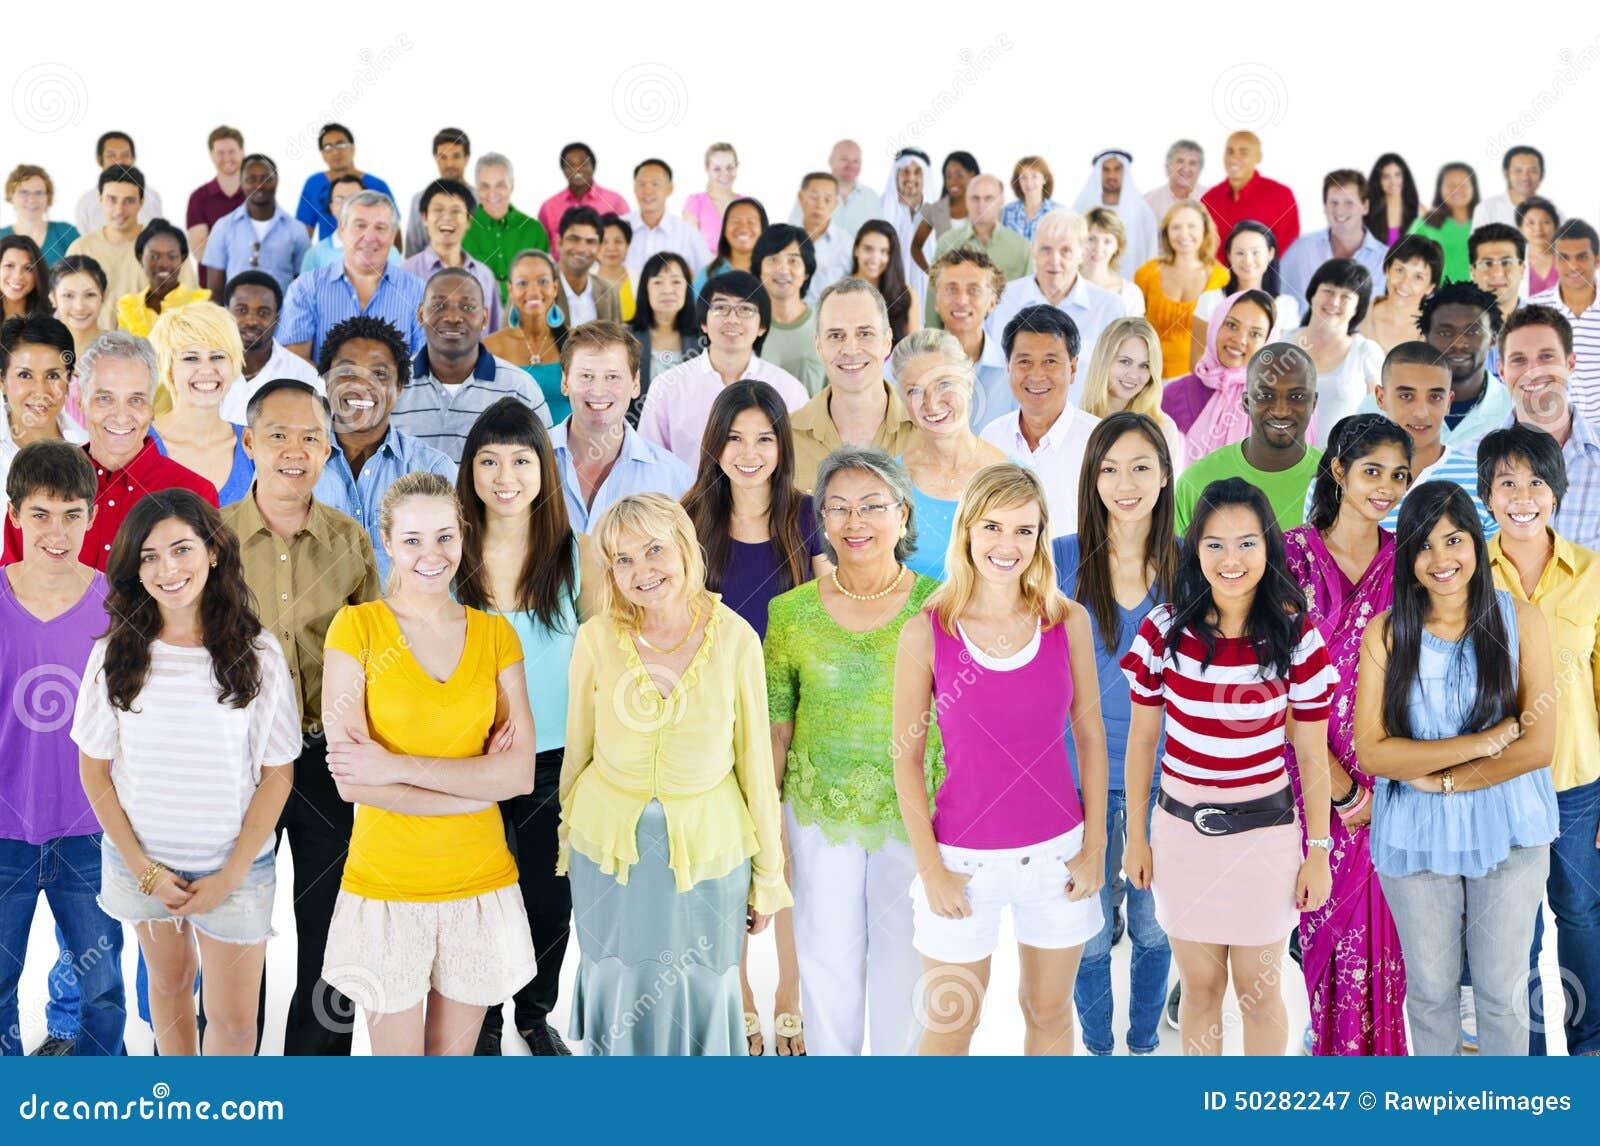 Concept ethnique d appartenance ethnique de grande diversité diverse